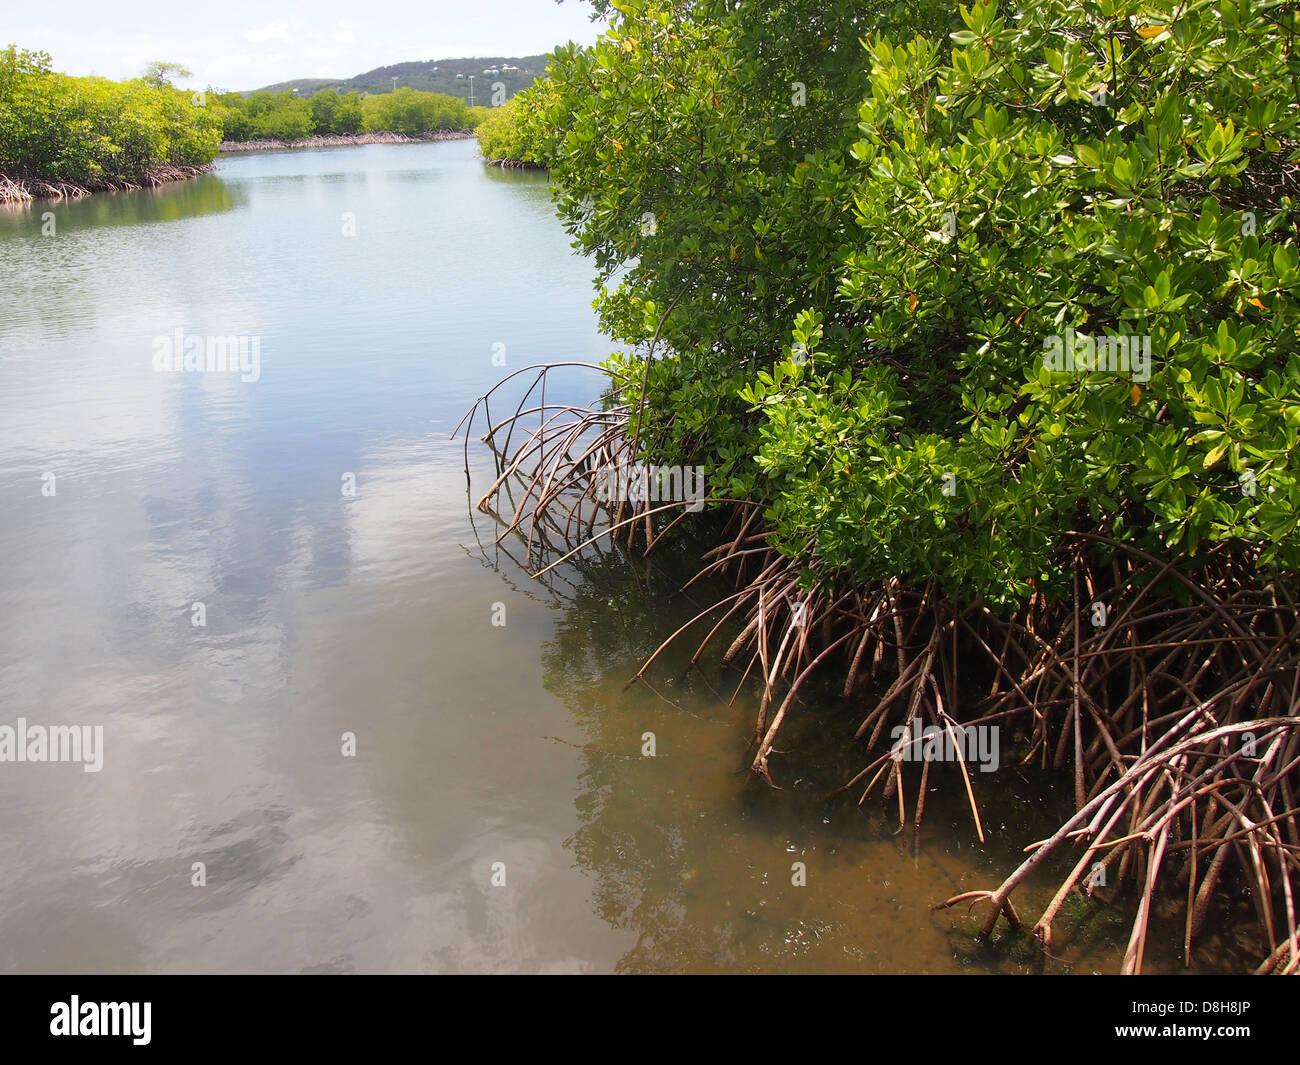 Les mangroves au bord de l'eau Banque D'Images